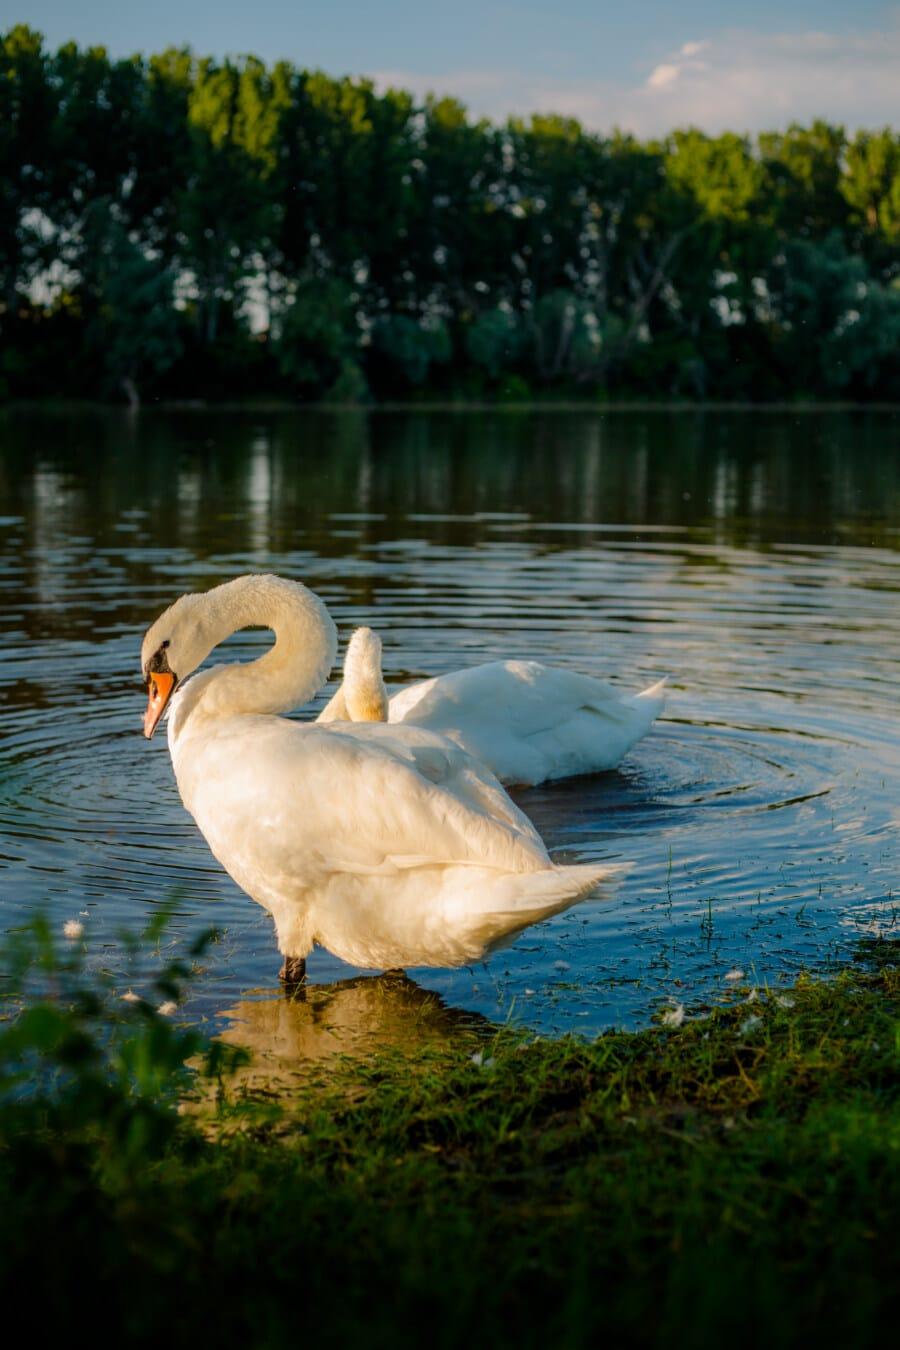 Schwan, stehende, schöne, Hals, Anmut, Tierwelt, Wasservögel, Vogel, aquatische Vogel, See